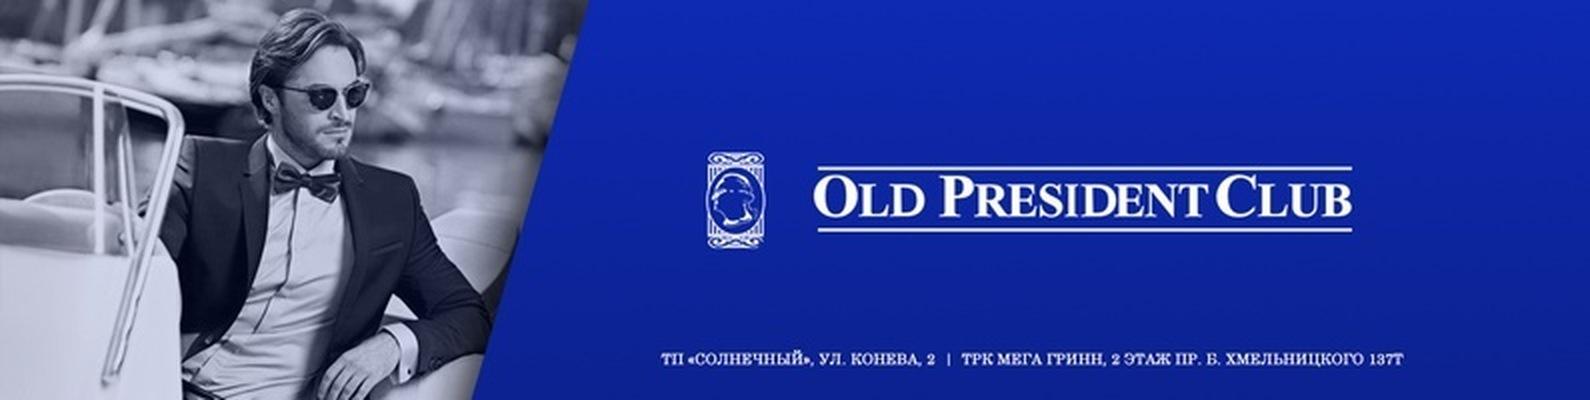 4c948f0a53f Old President Club